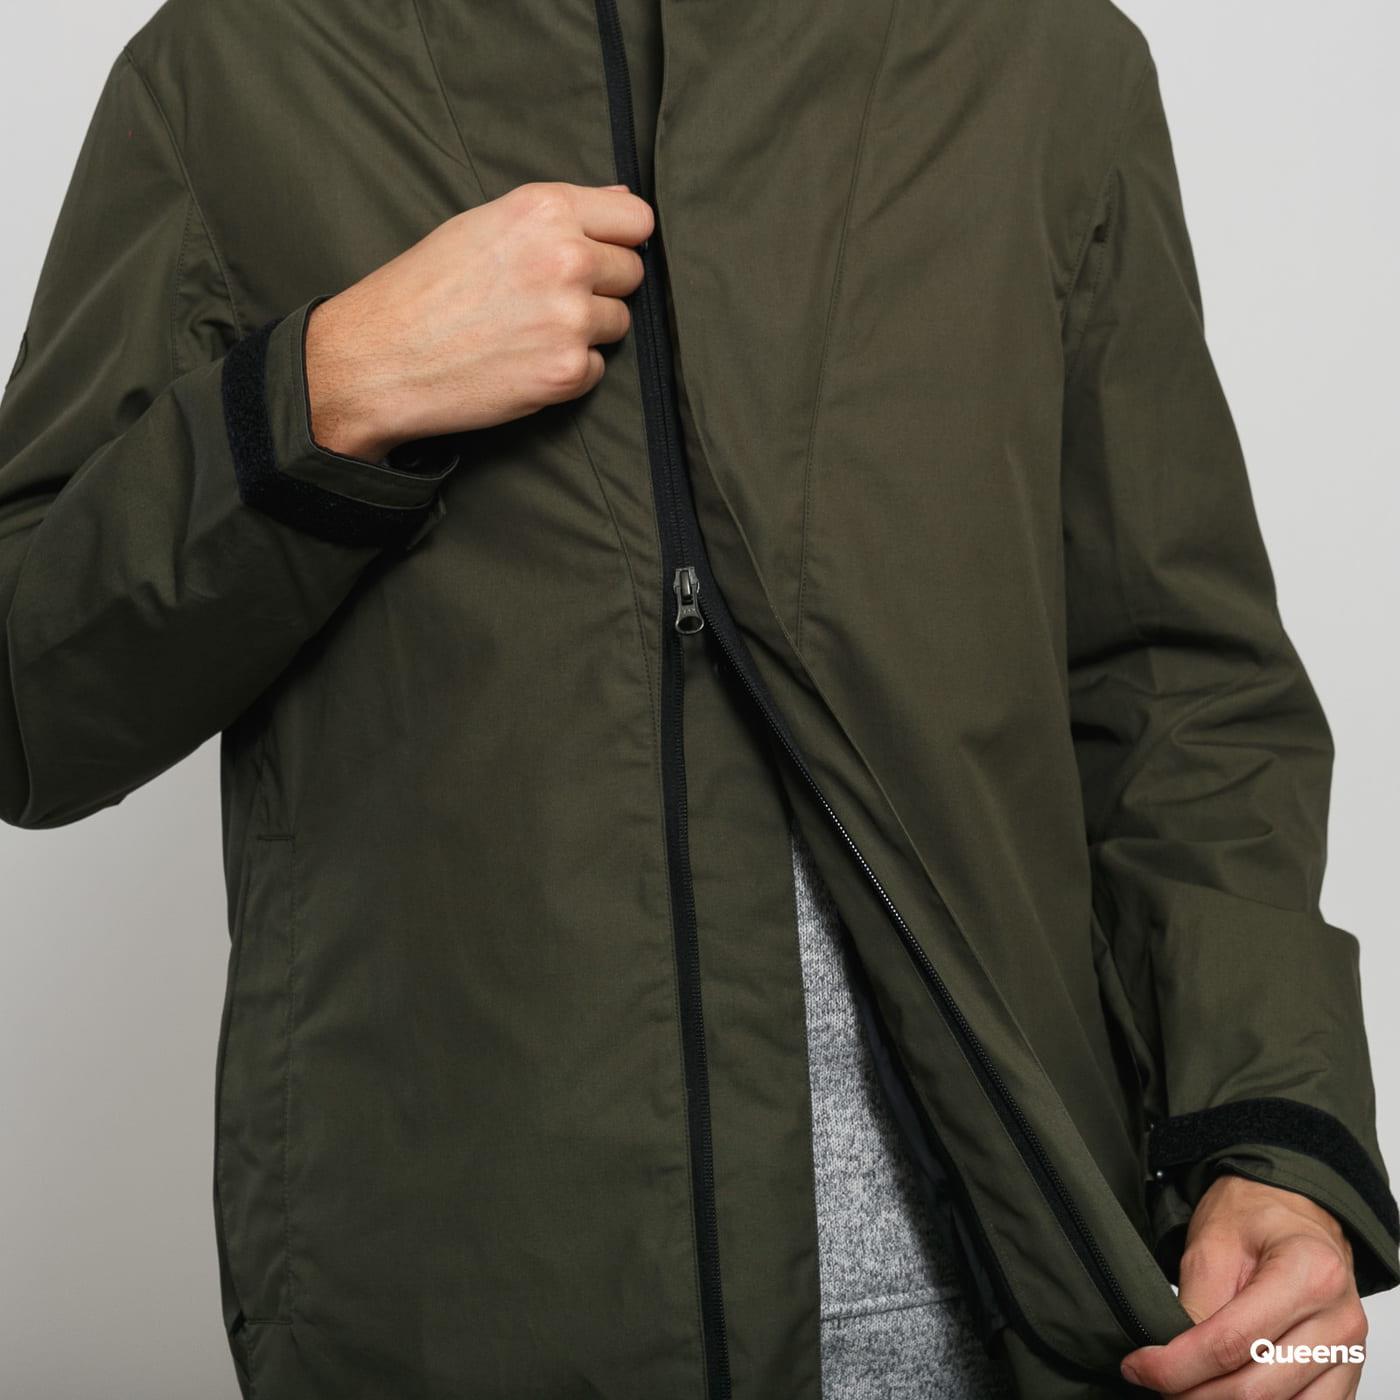 POUTNIK BY TILAK Knight Ventile Jacket dark olive